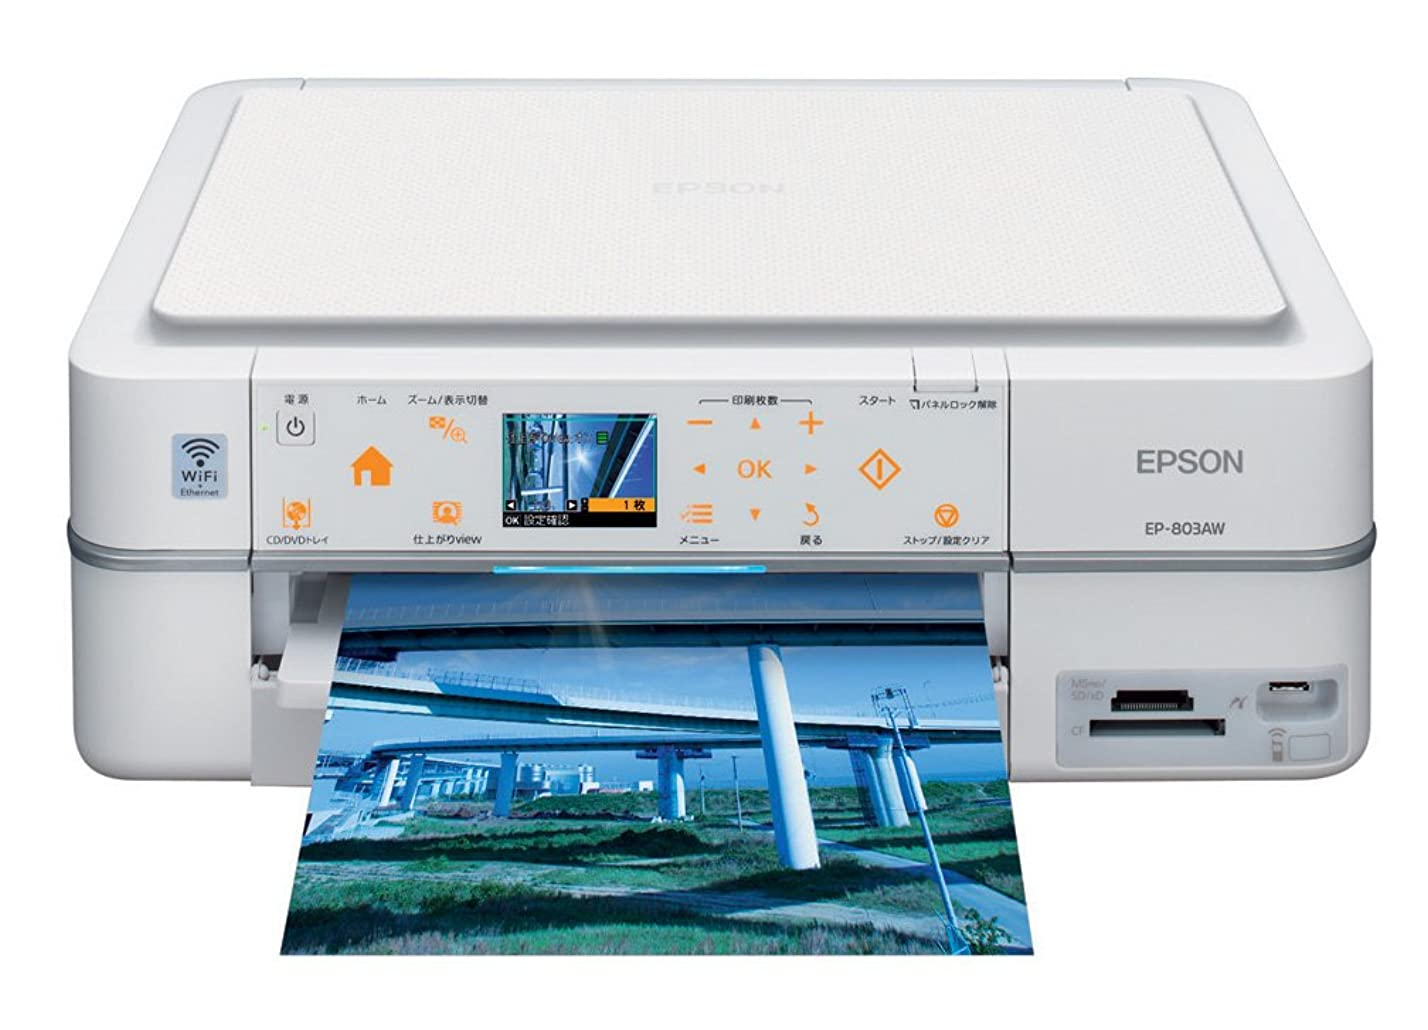 時代遅れ酸度褒賞EPSON Colorio インクジェット複合機 EP-803AW 有線?無線LAN標準搭載 カンタンLEDナビ搭載 前面二段給紙カセット 6色染料インク ホワイトモデル